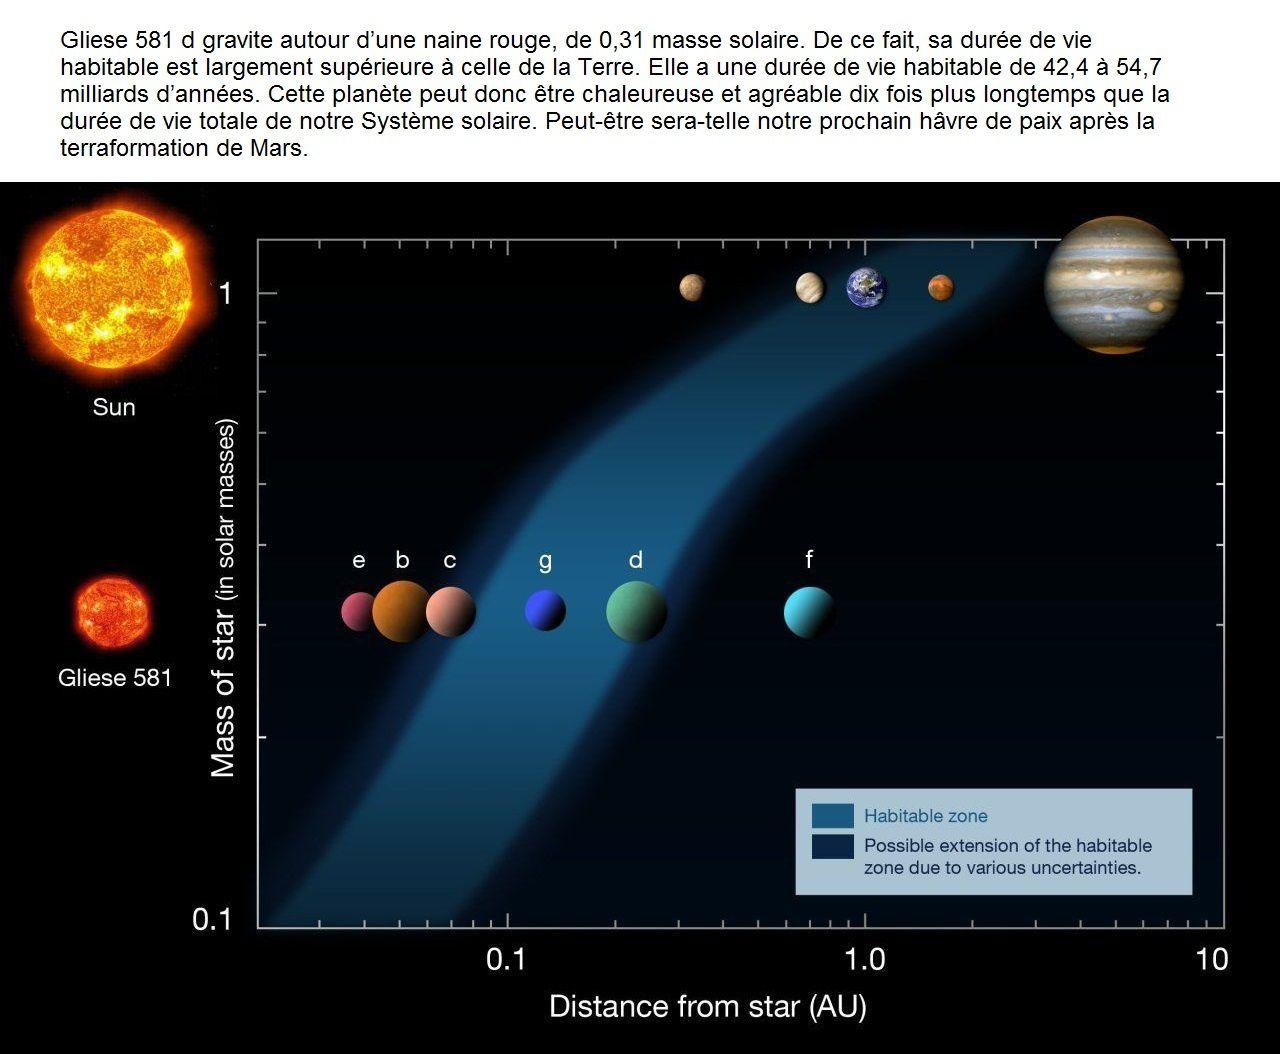 La zone d'habitabilité (en bleu) dépend de la taille de l'étoile (à gauche). Dans le Système solaire (en haut), elle se situe actuellement entre 1 et 3 UA (unités astronomiques), englobant la Terre et Mars. Autour de la naine rouge Gliese 581, nous connaissons six planètes, dont deux figurent dans la zone habitable, plus proche de l'astre car cette étoile est moins chaude. Gliese 581 d y restera au moins durant... 42 milliards d'années. © ESO, Wikipédia, cc by sa 3.0